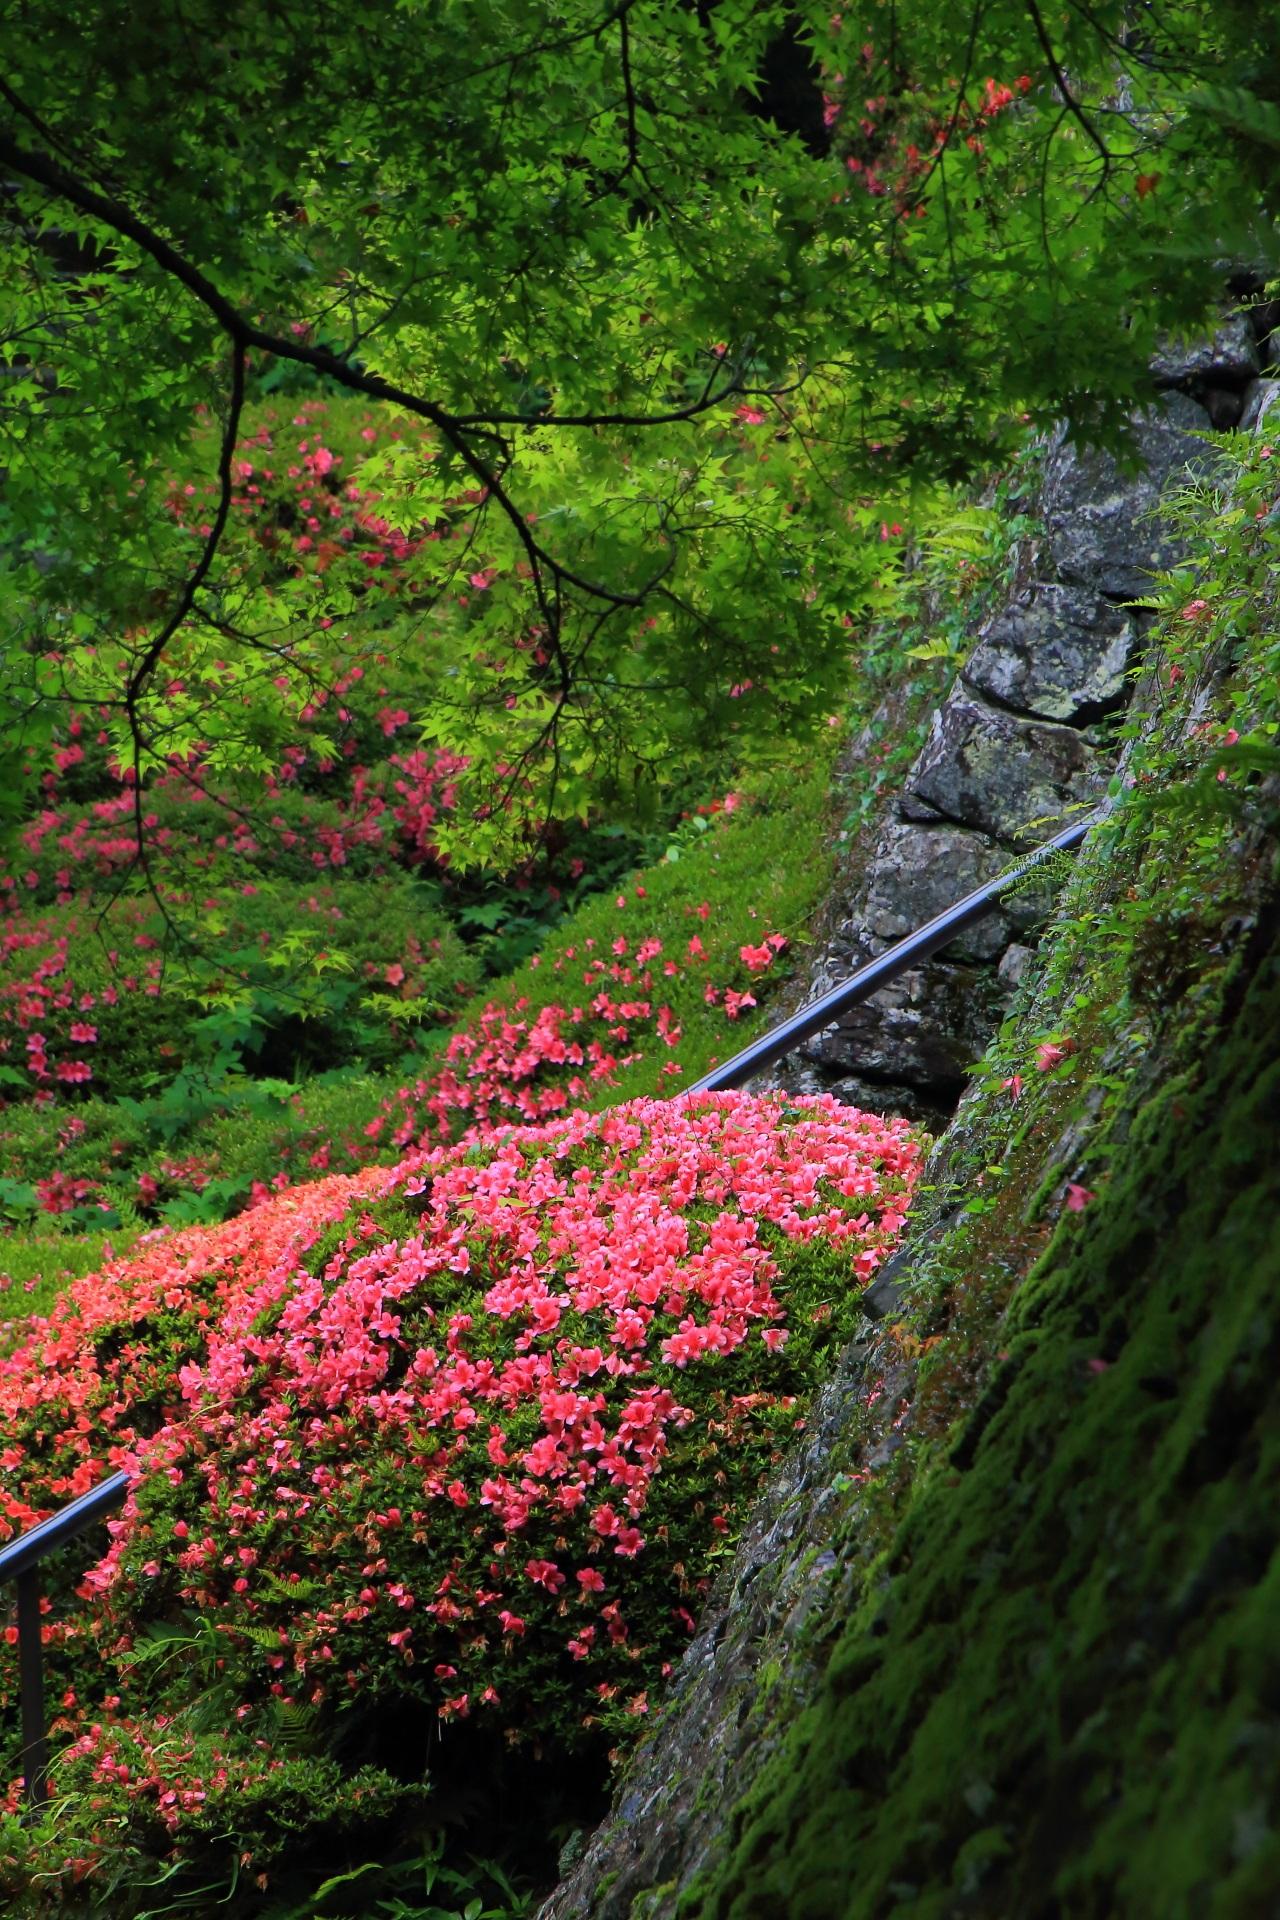 まだまだ見るところがいっぱいある善峯寺のすばらしすぎるサツキと緑